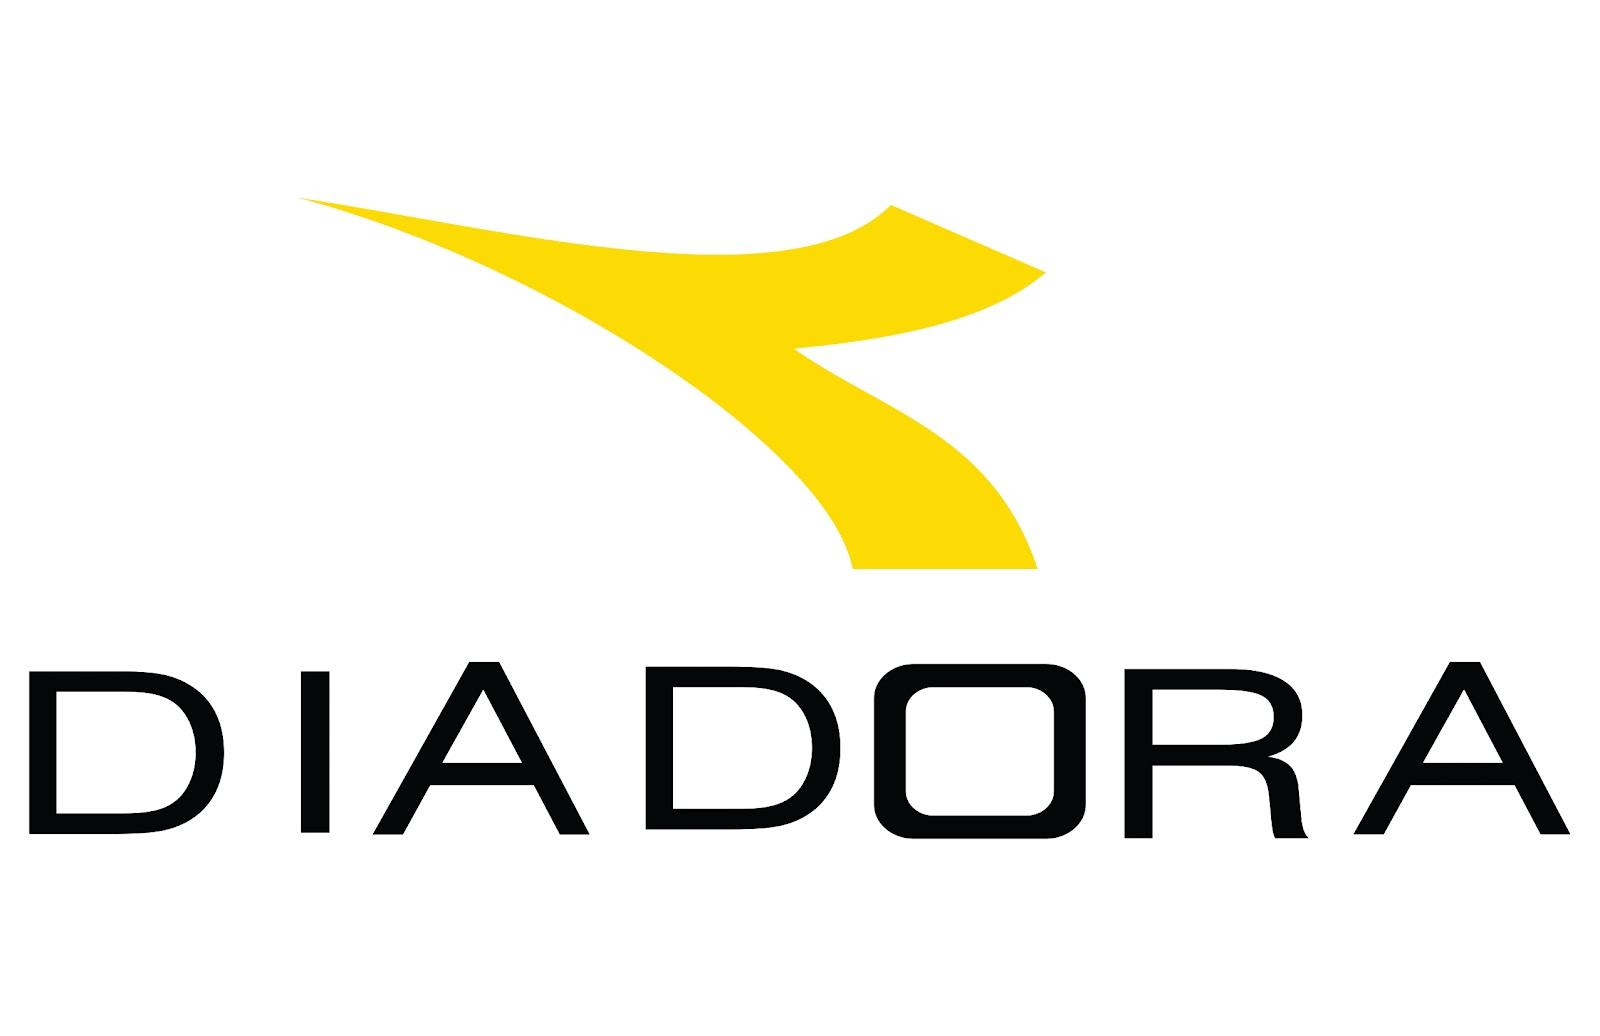 diadora logo vector - photo #1